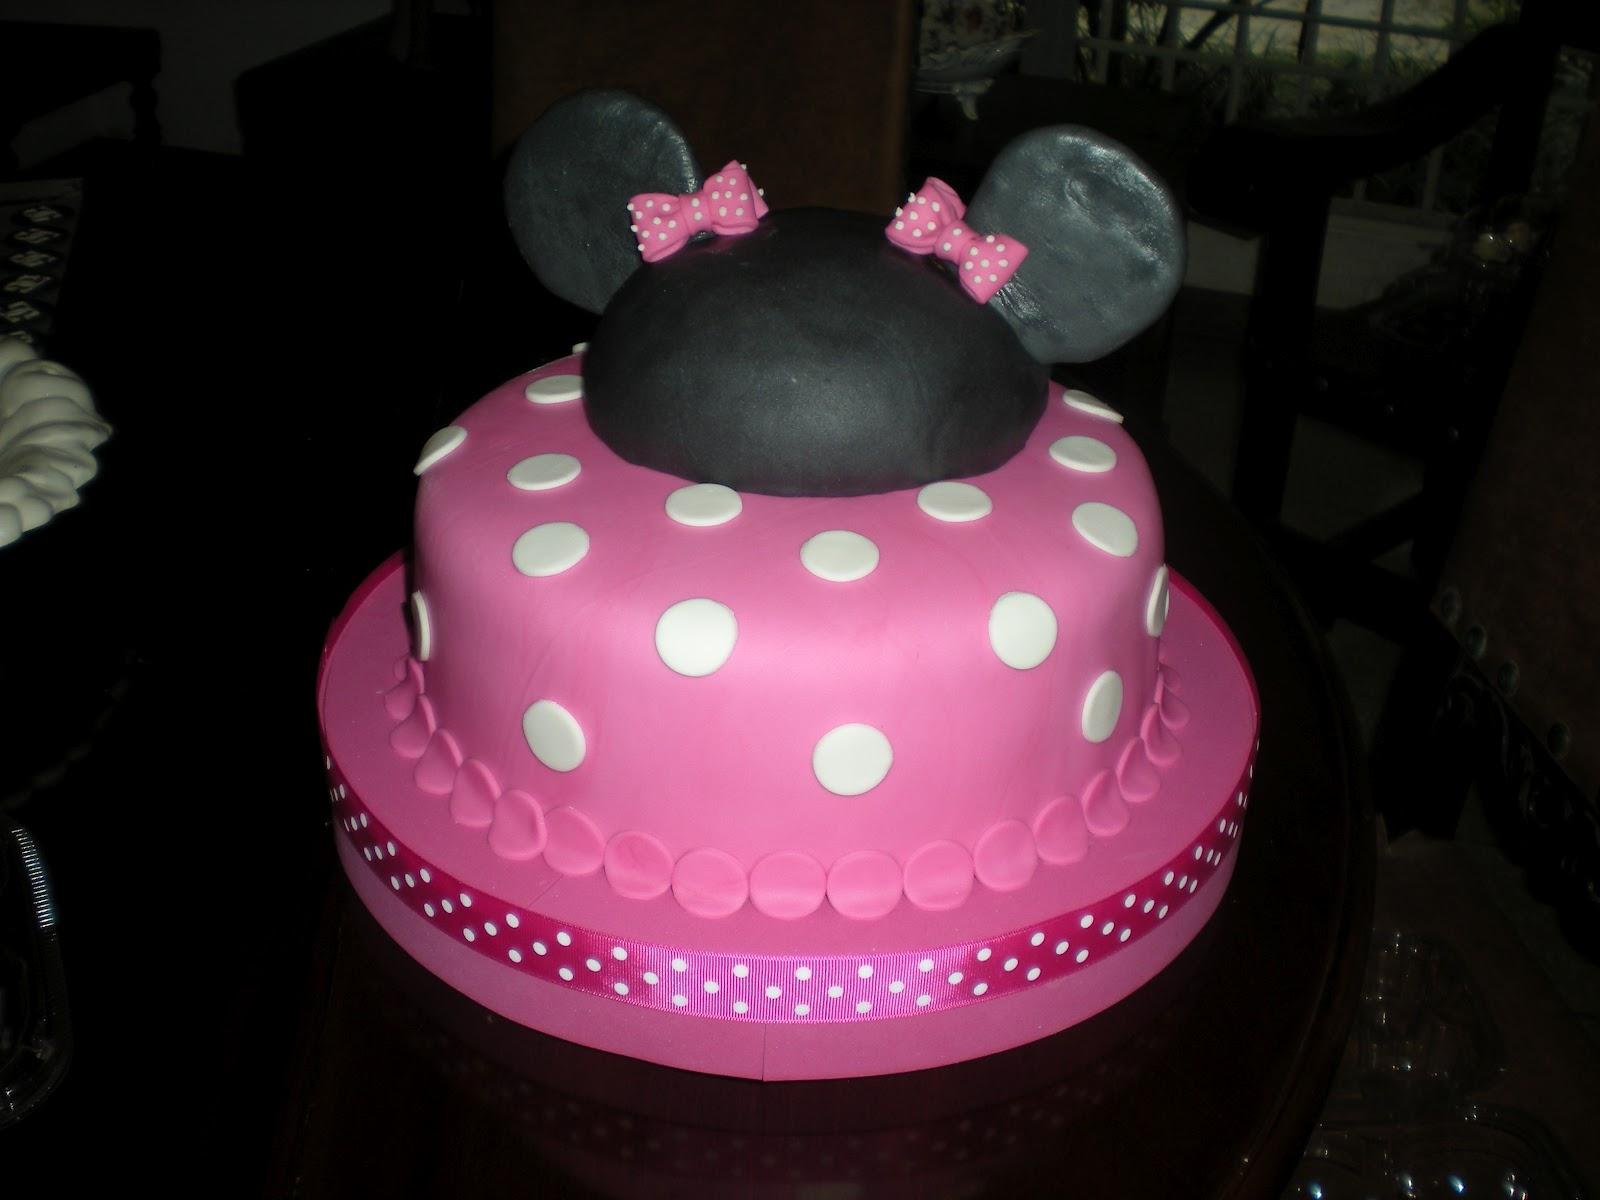 Torta y Cupcakes de Minnie Mouse | Postrecitos y Algo más